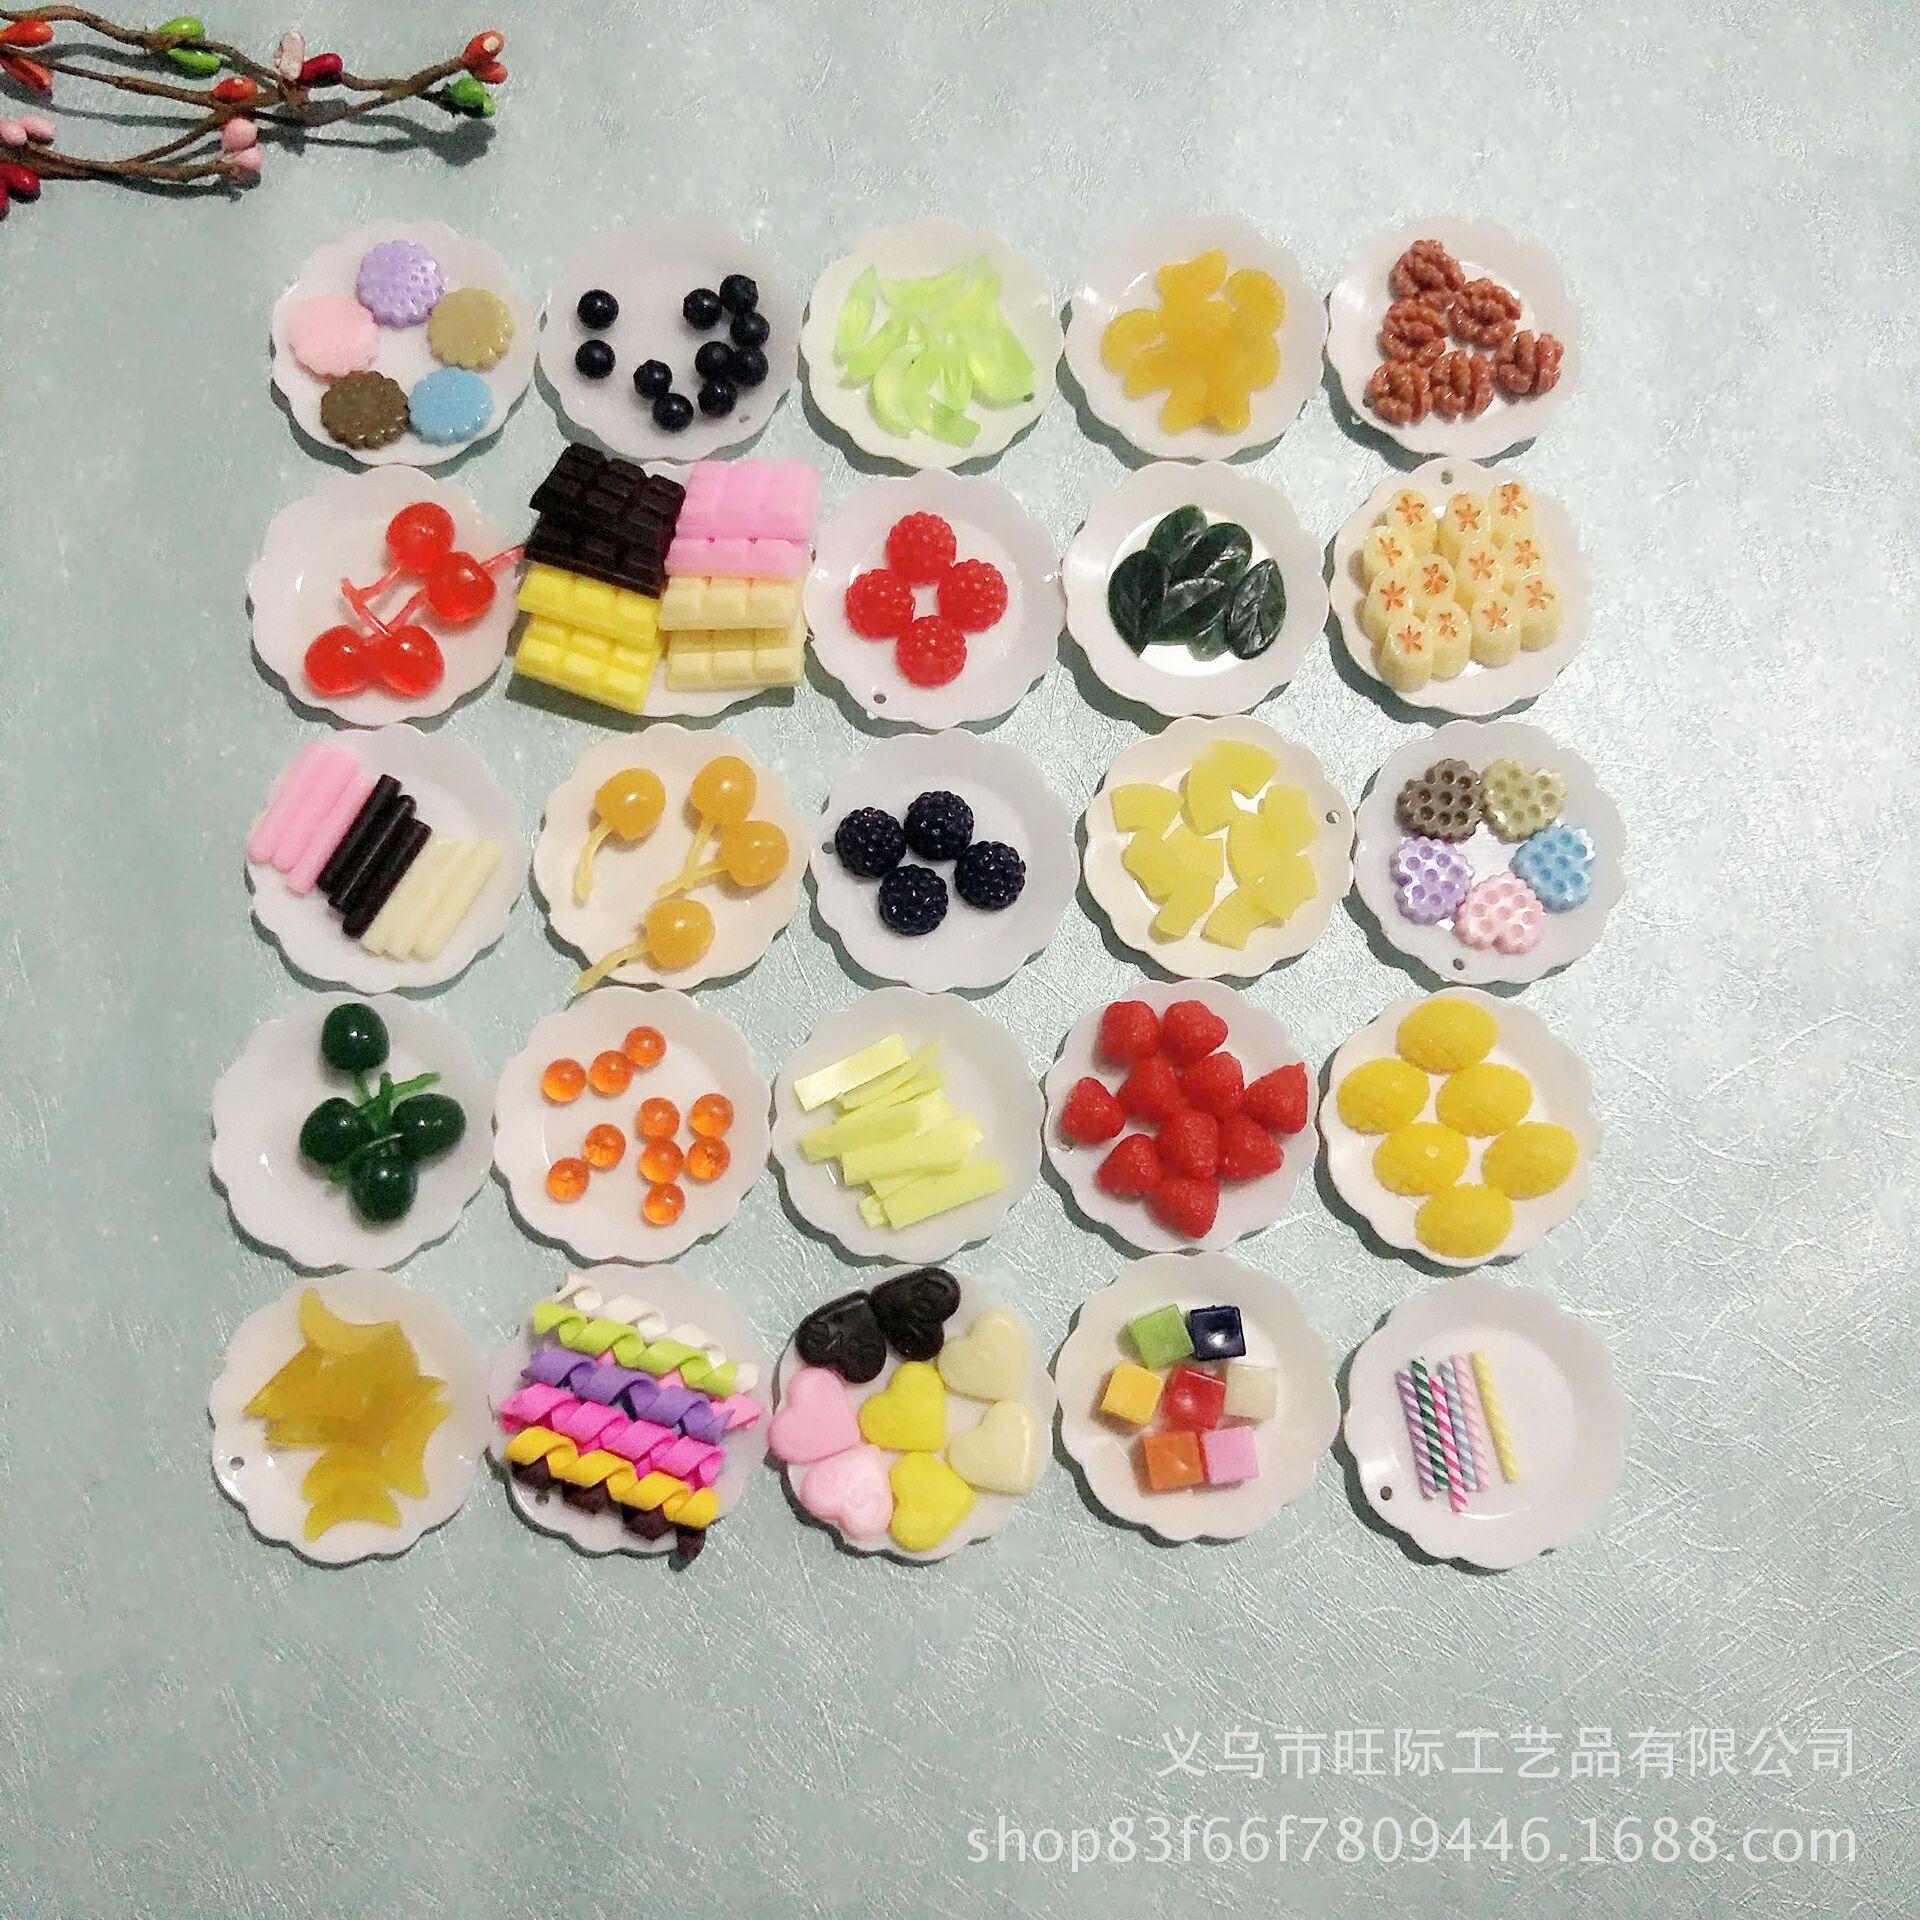 厂家直销仿真食玩粘土蛋糕DIY水果巧克力装饰物草莓樱桃卷卷棒